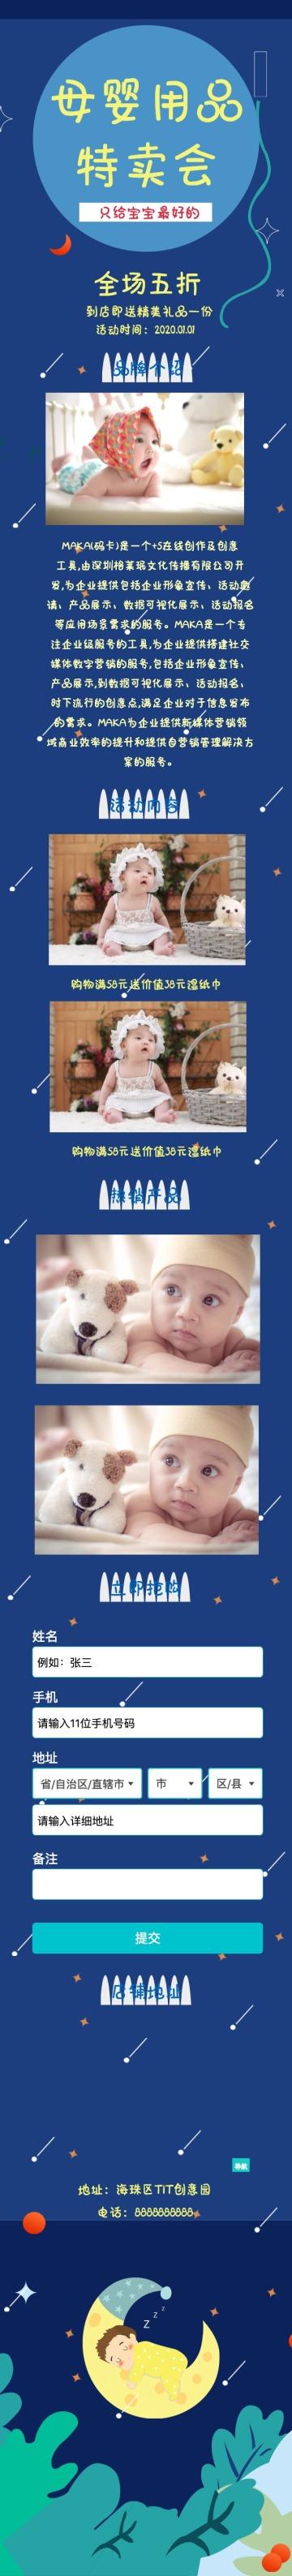 简约大气百货零售母婴产品促销介绍单页